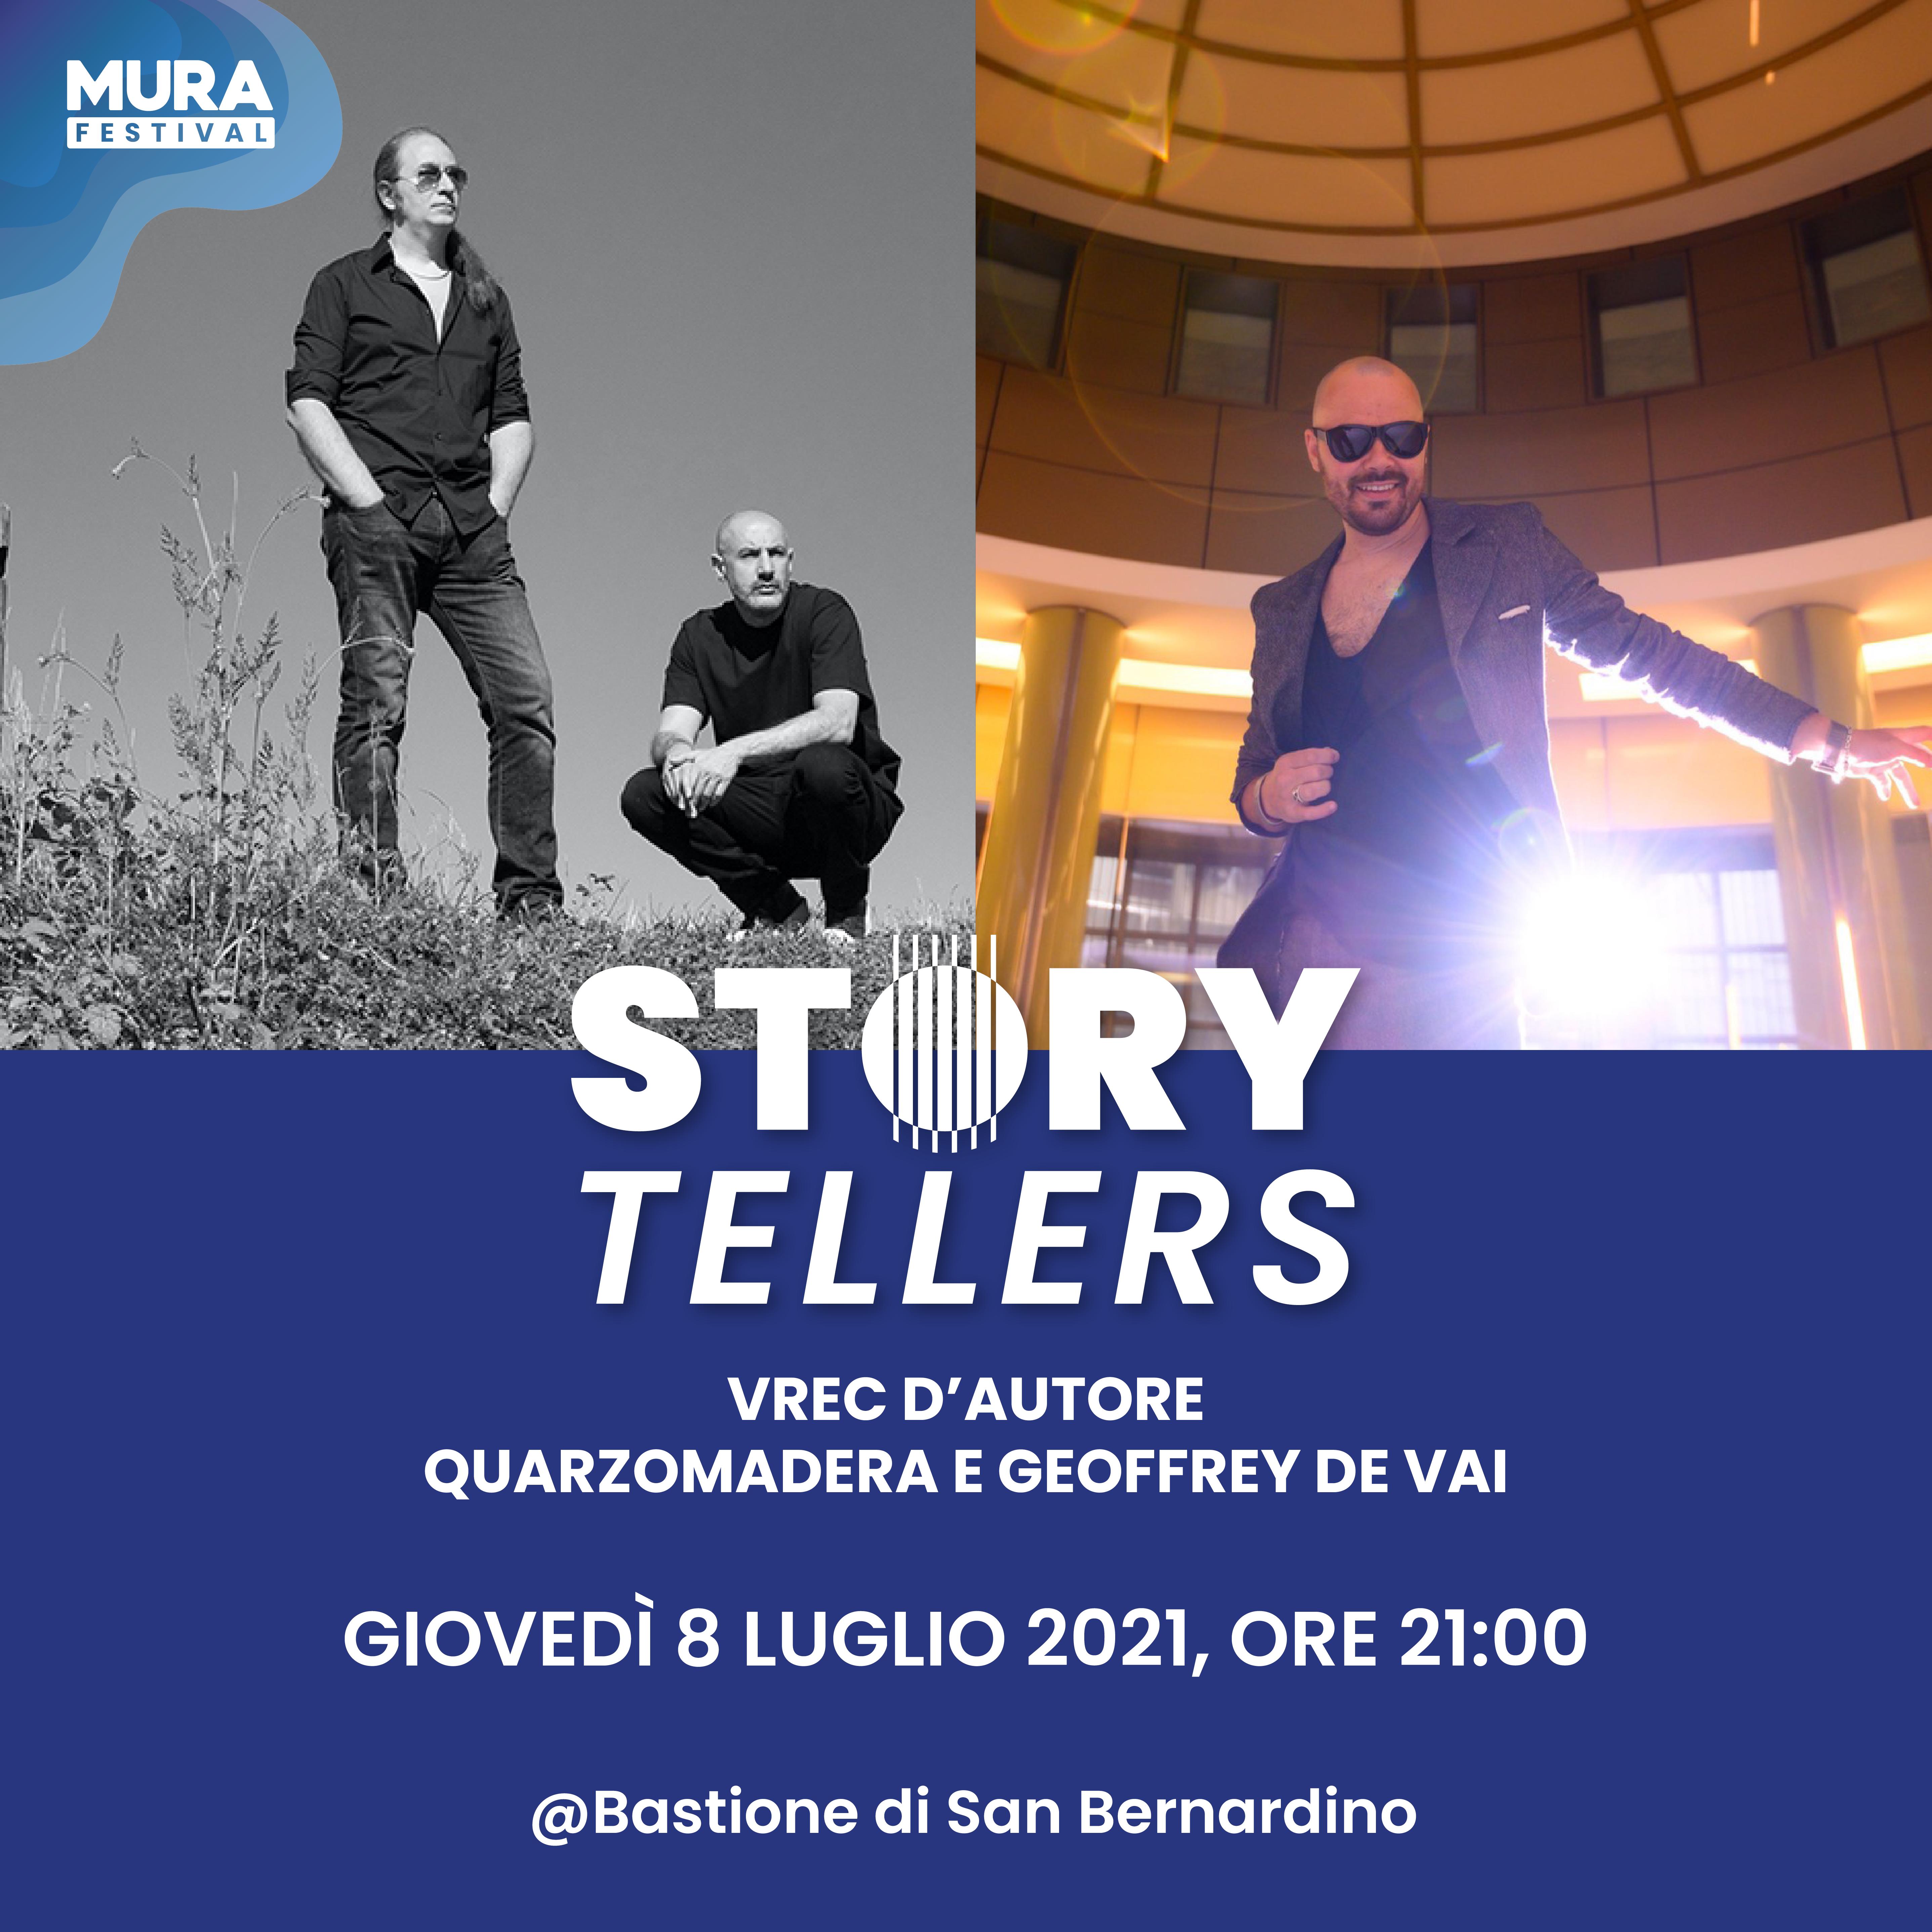 Storytellers - Mura festival